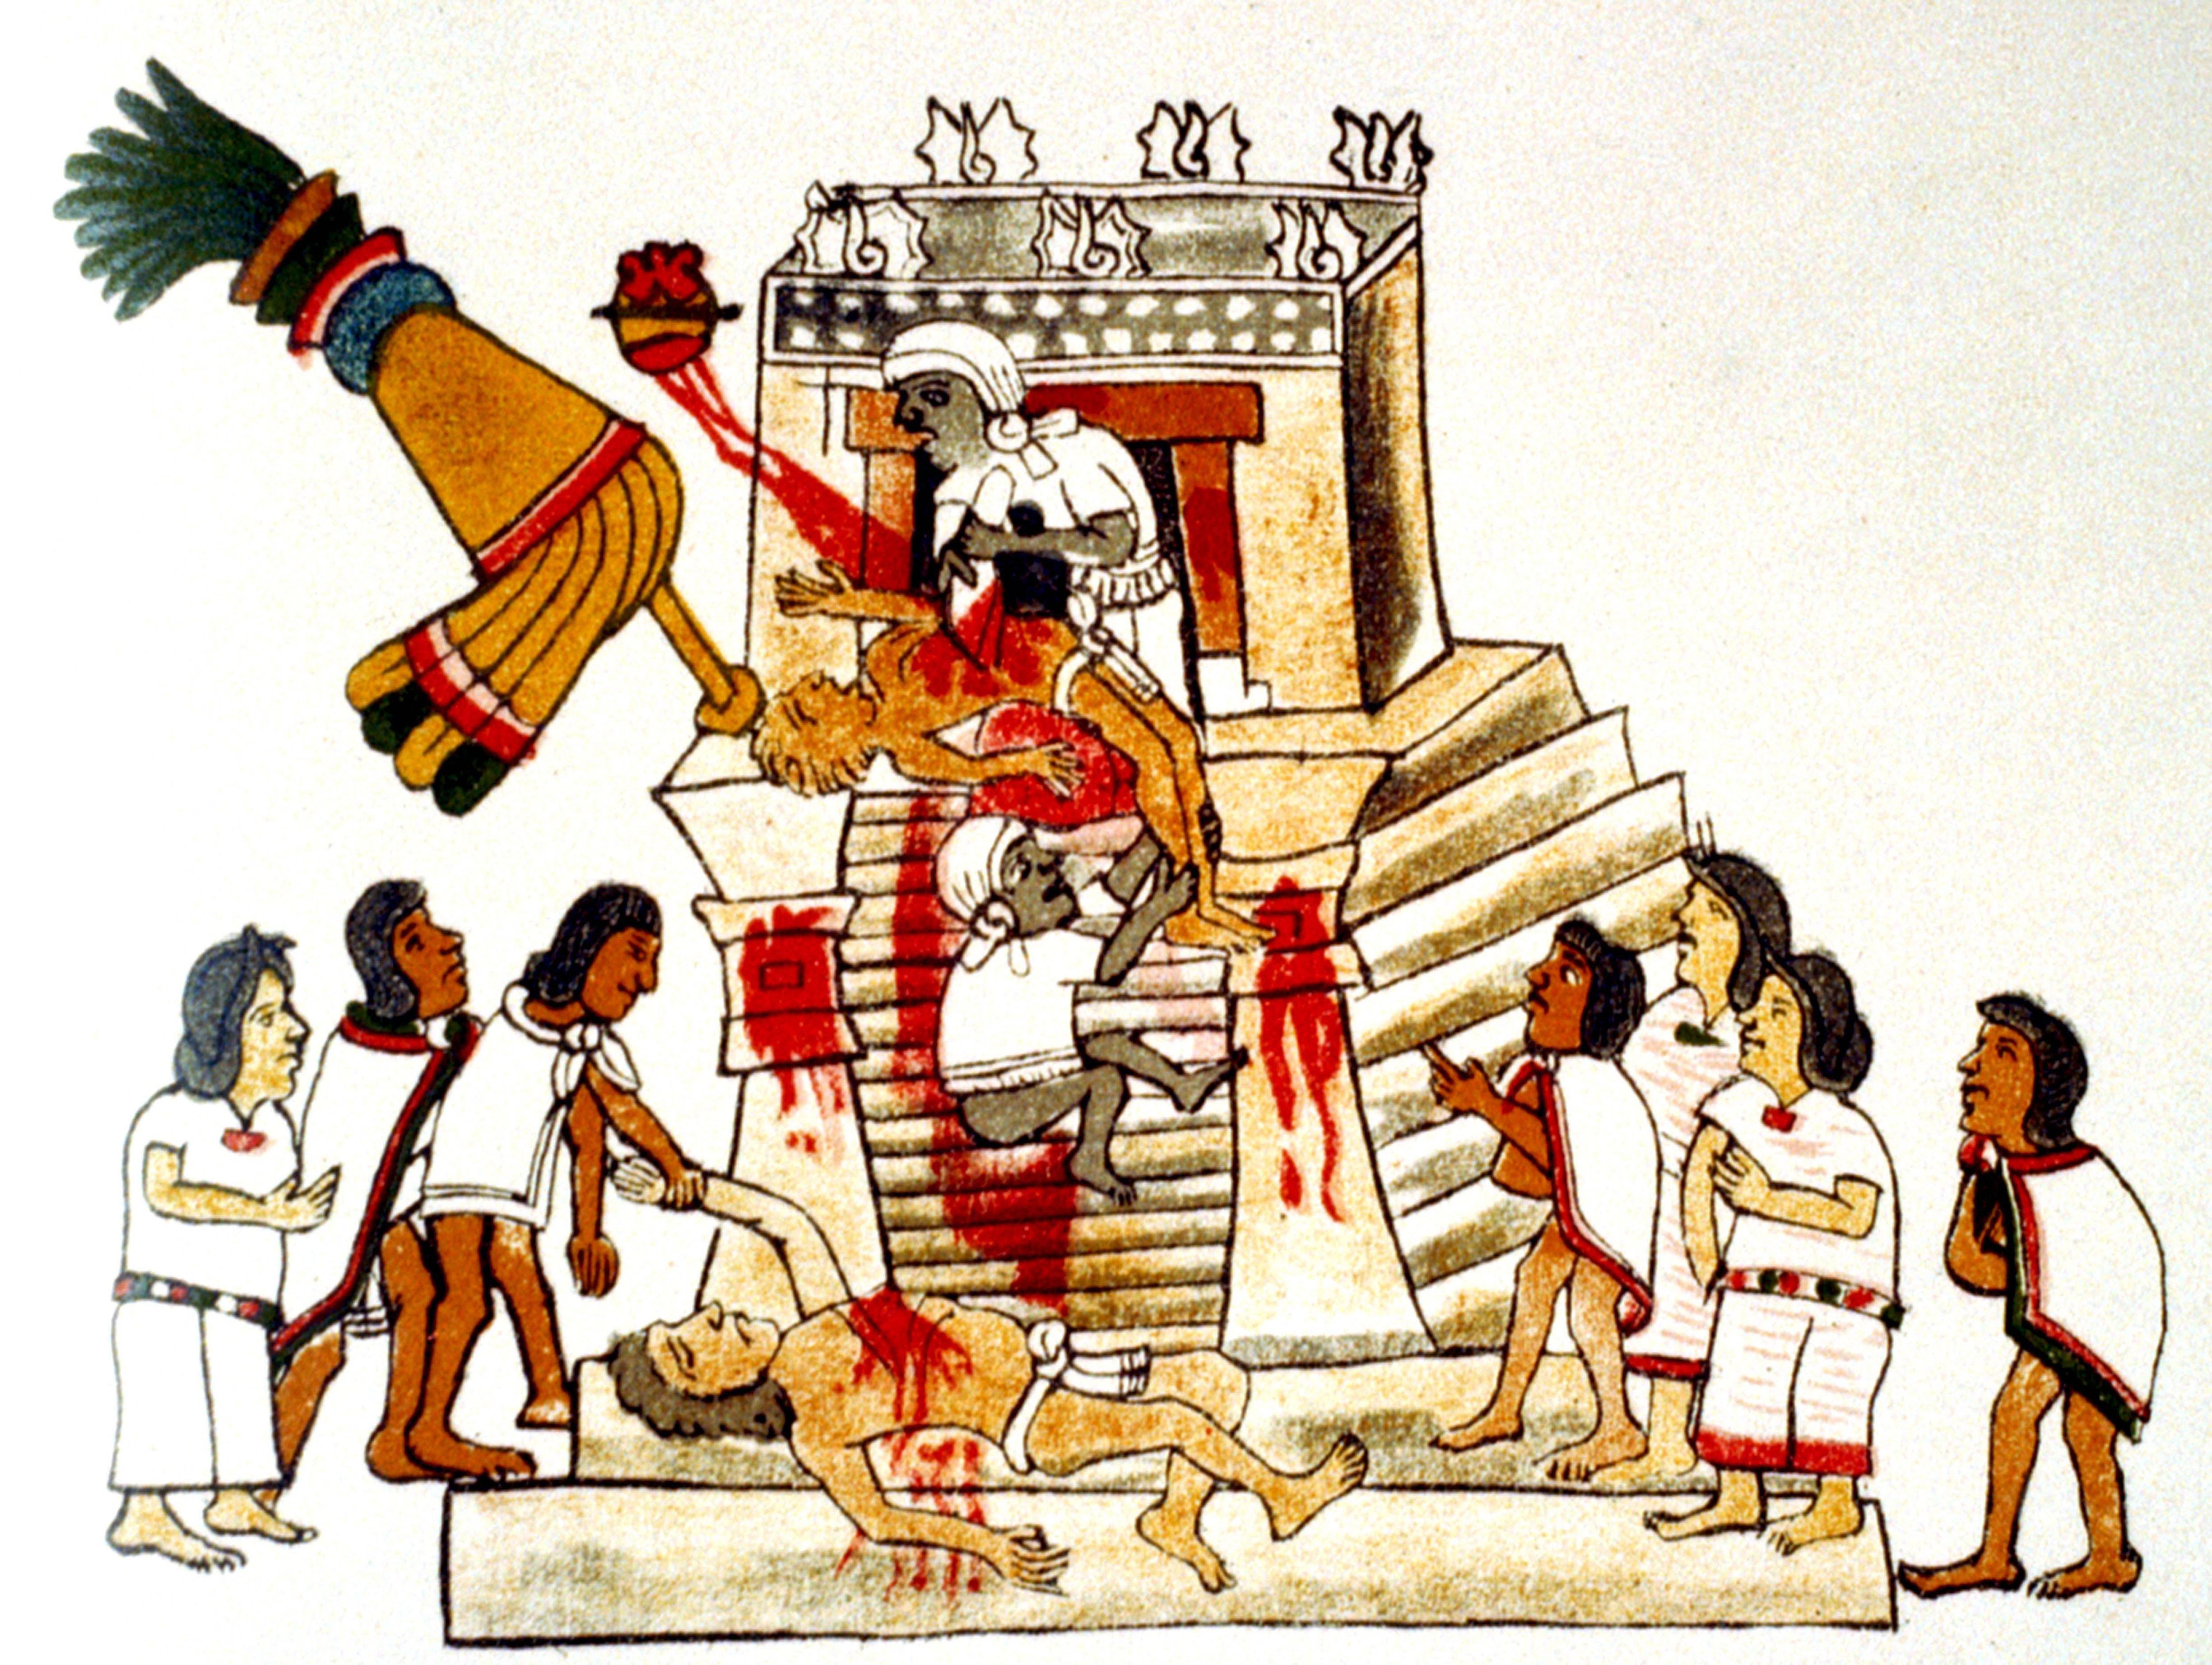 Több mint 140 gyerek csontváza került elő egy perui tömegsírbnól